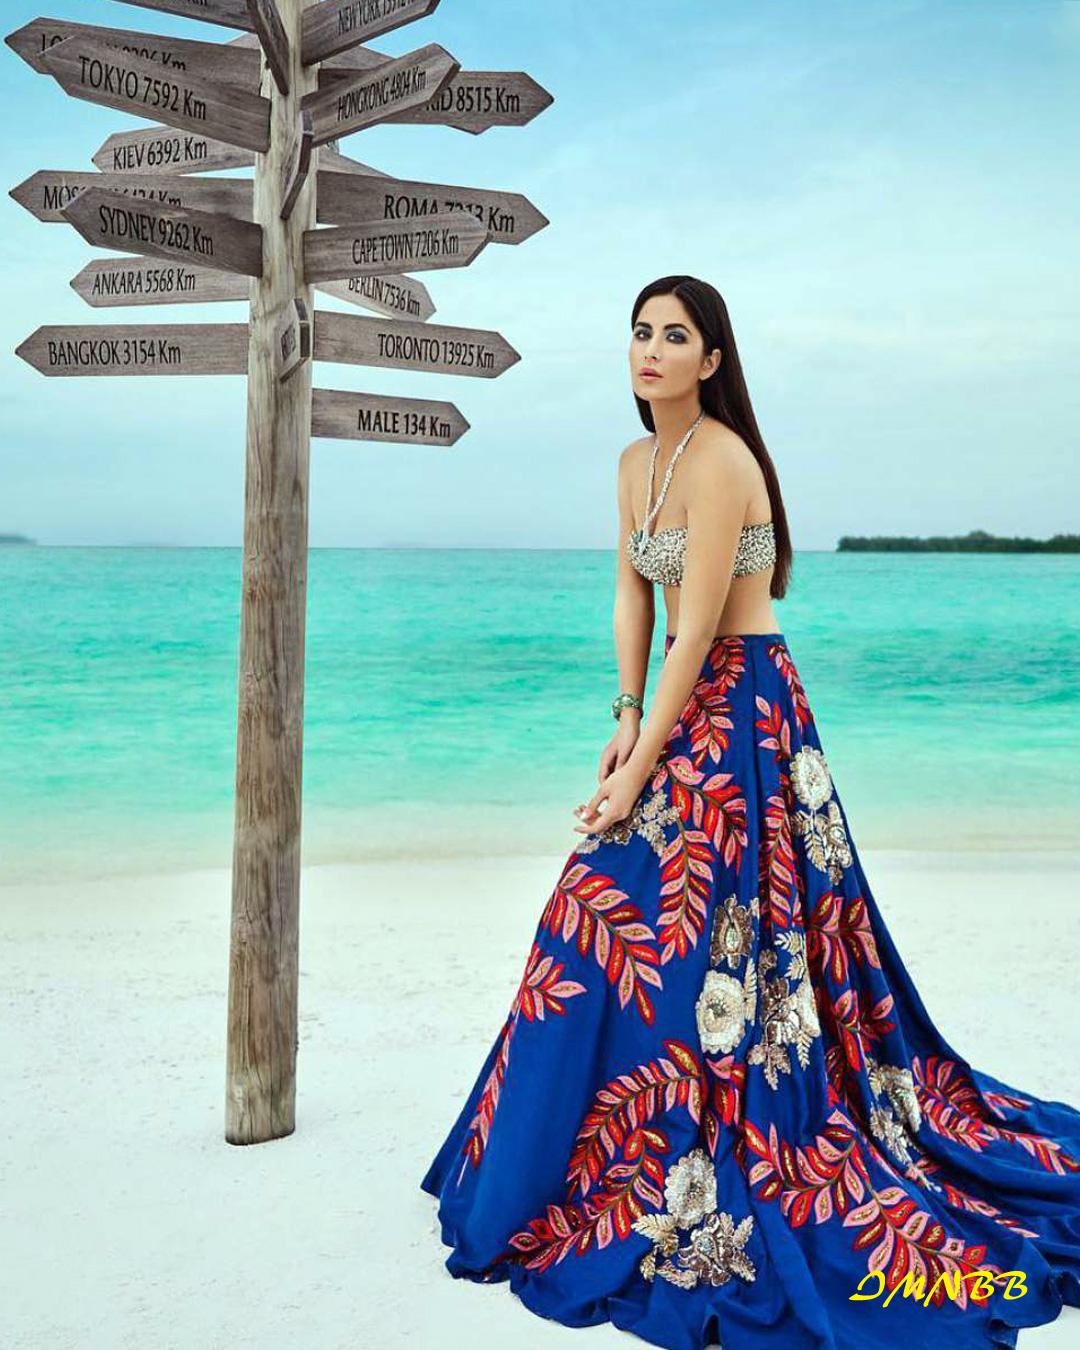 Sizzling Katrina Kaif Harper's Bazaar Bride 2017 January Photo Shoot